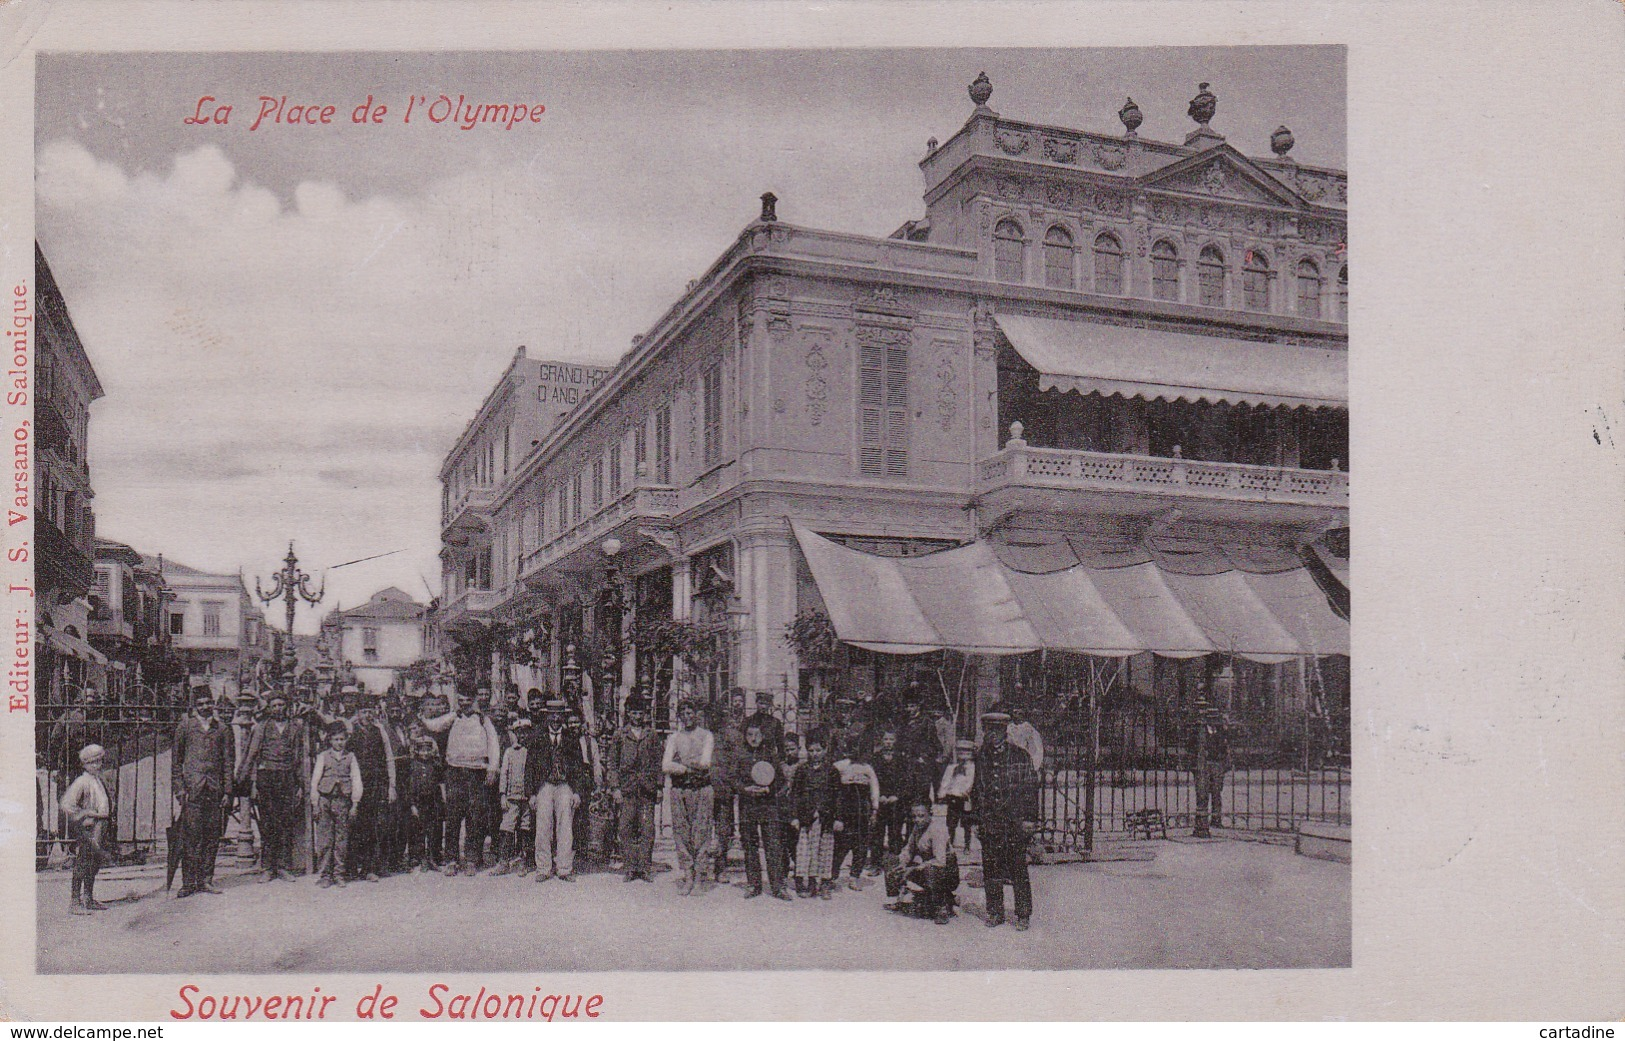 Grèce - Souvenir De Salonique - La Place De L'Olympe - Timbre Du Levant France - 1905 - Greece